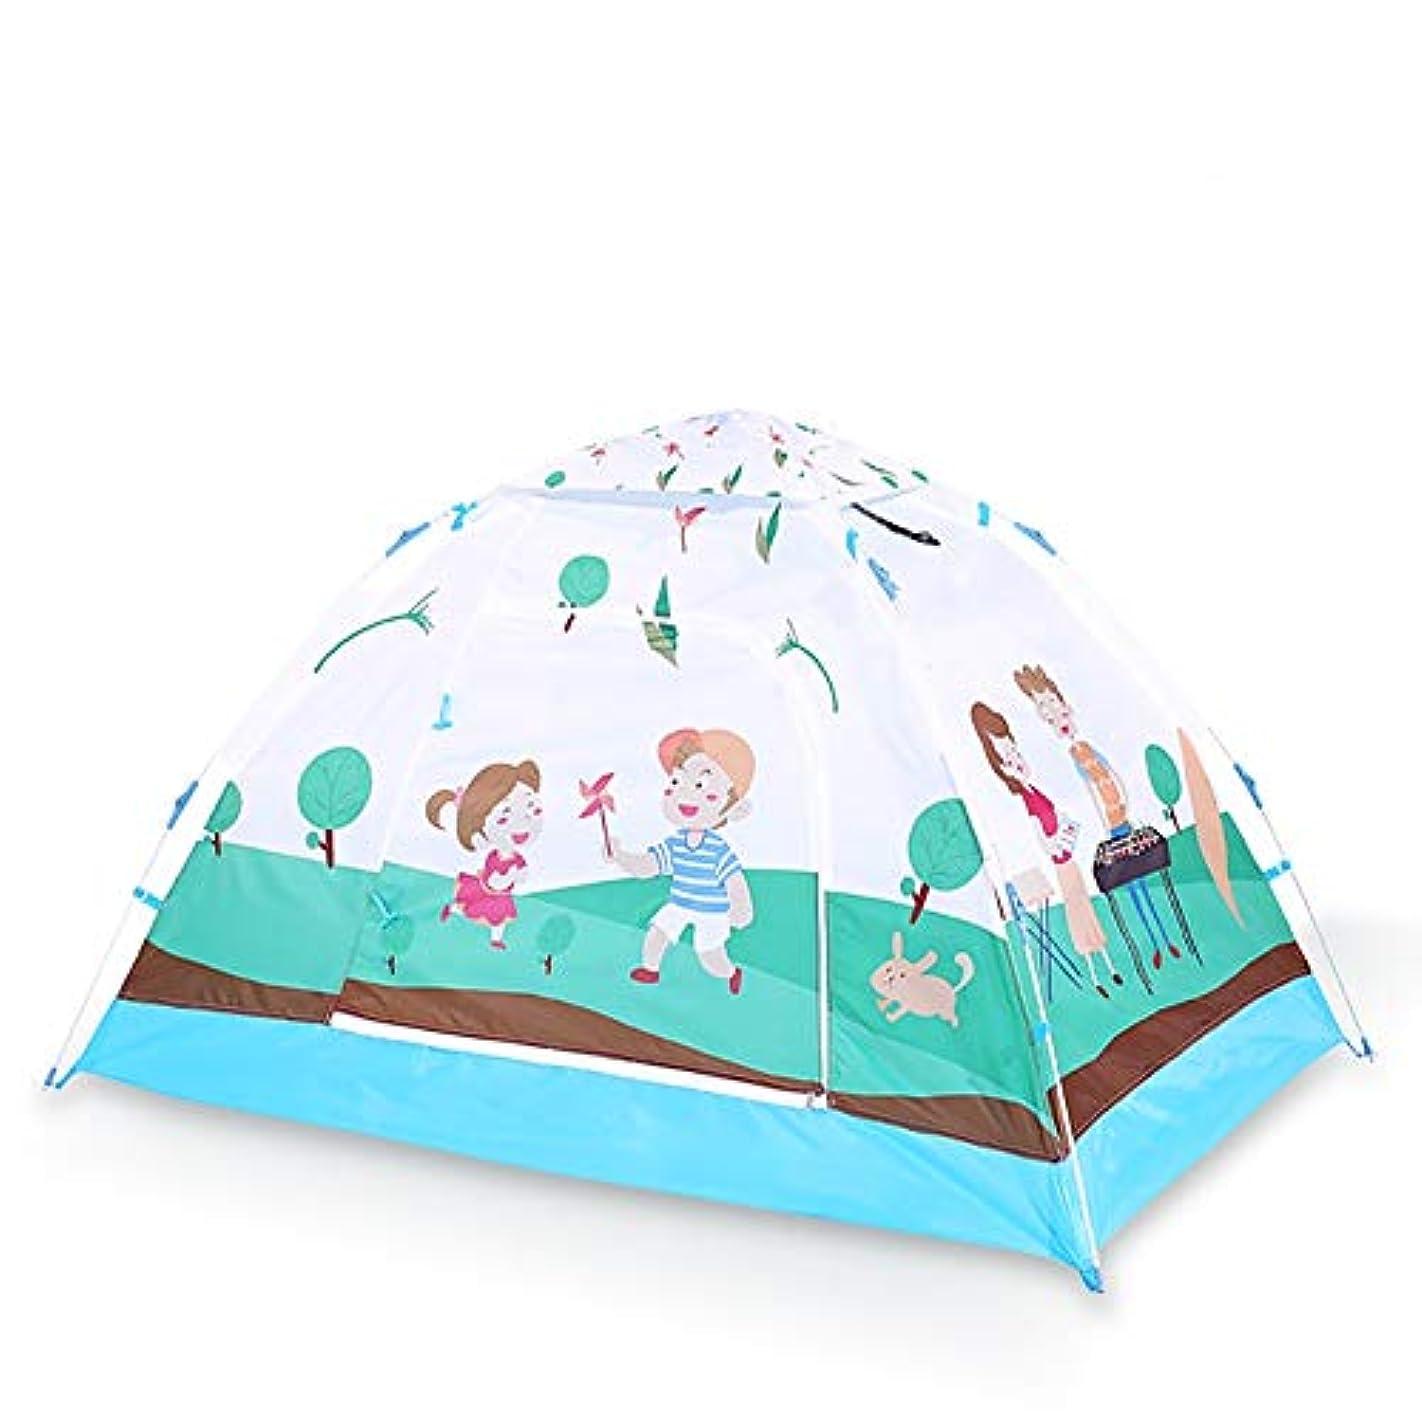 国籍ピッチャー保安子供の遊びのテント自動インスタントポップアップ子供のための防水テントプレイハウスギフト男の子と女の子のための屋内と屋外での使用